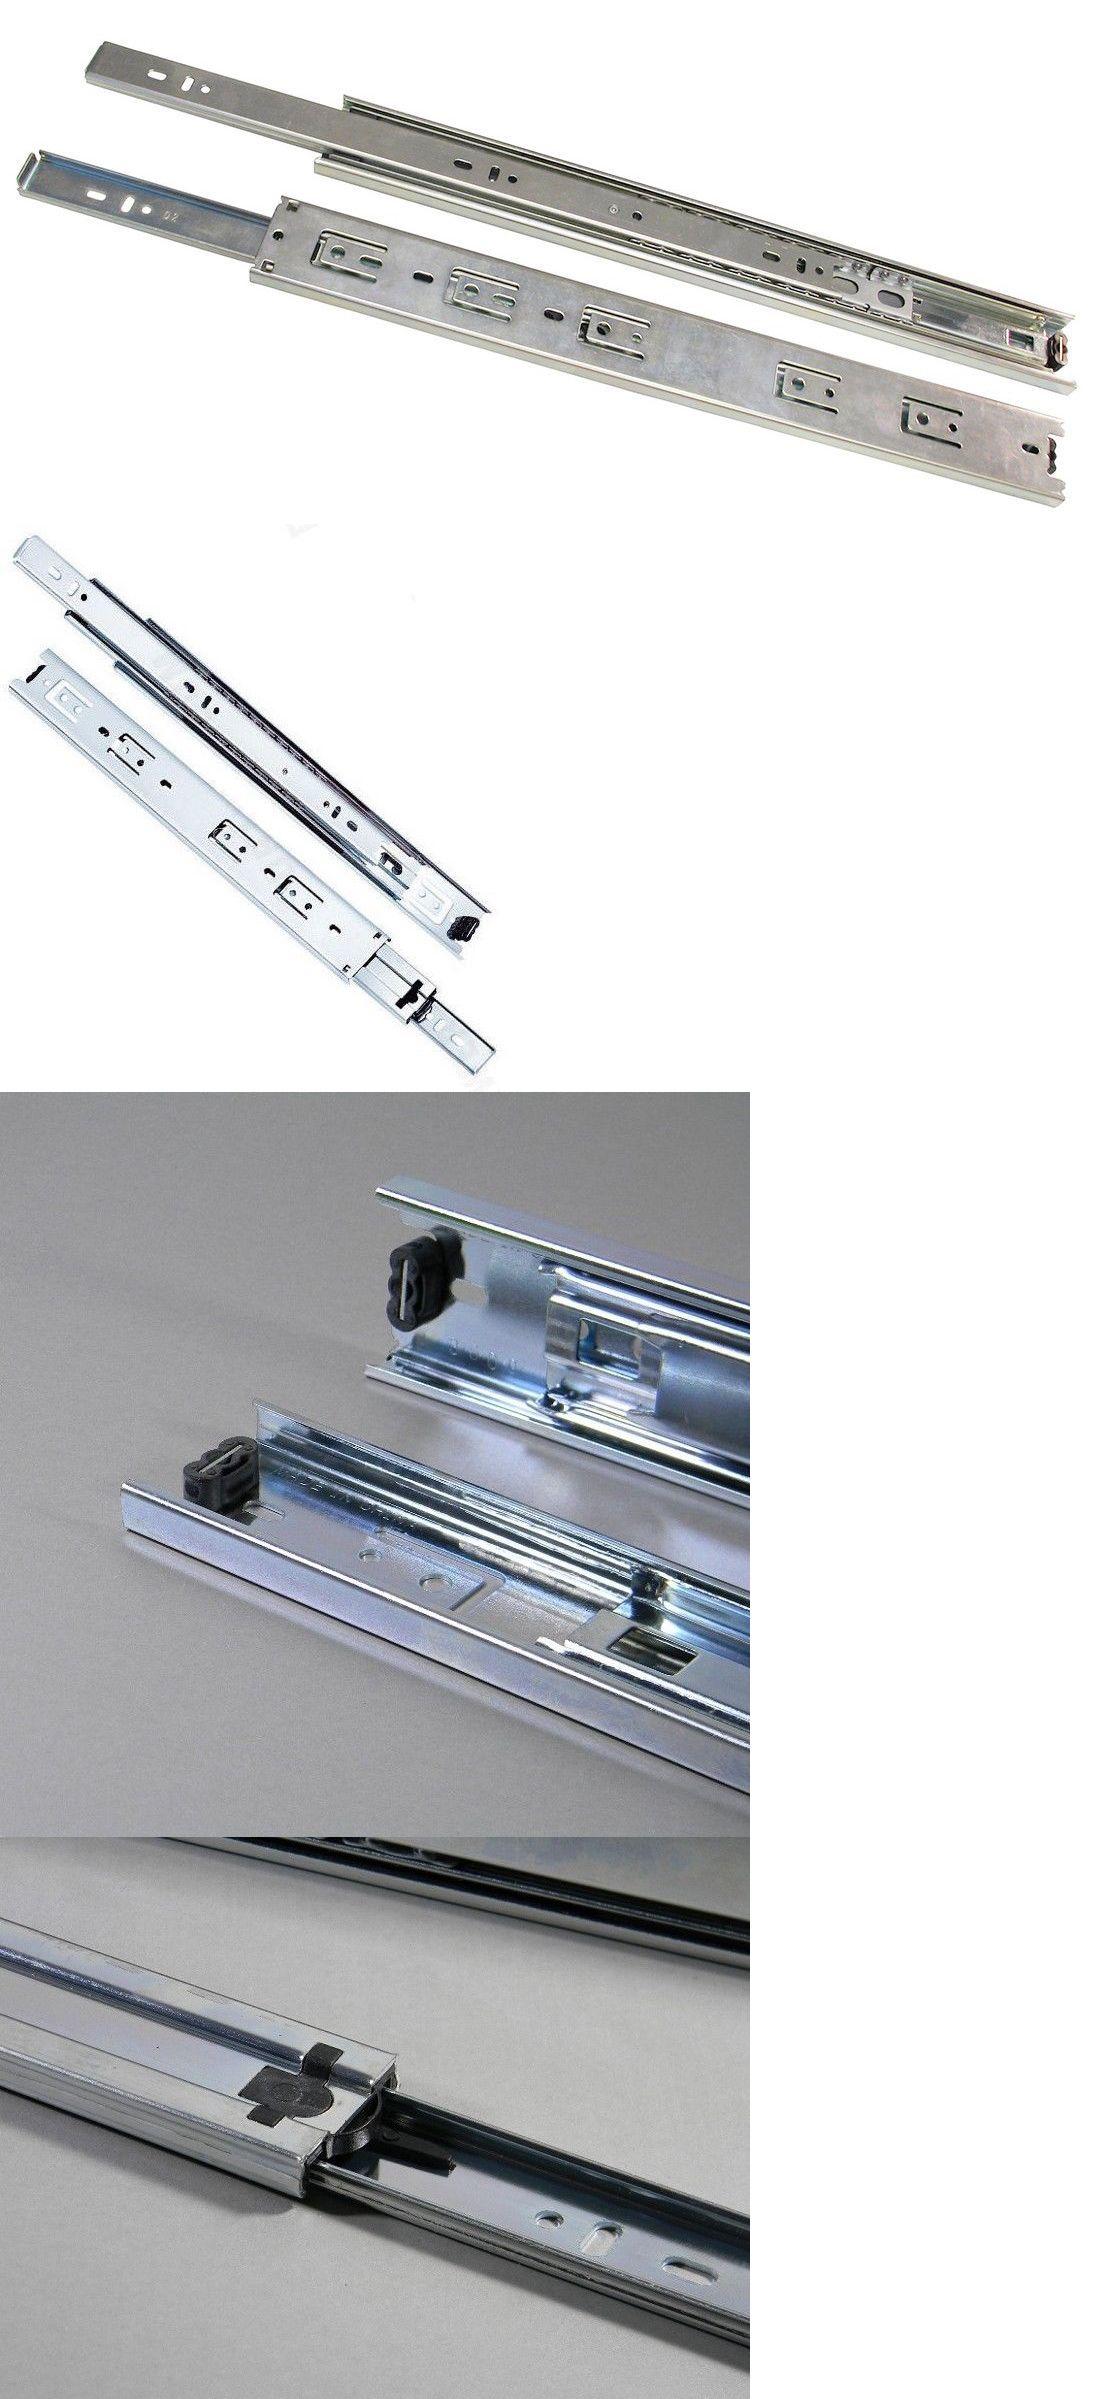 Pin On Drawer Slides 134642